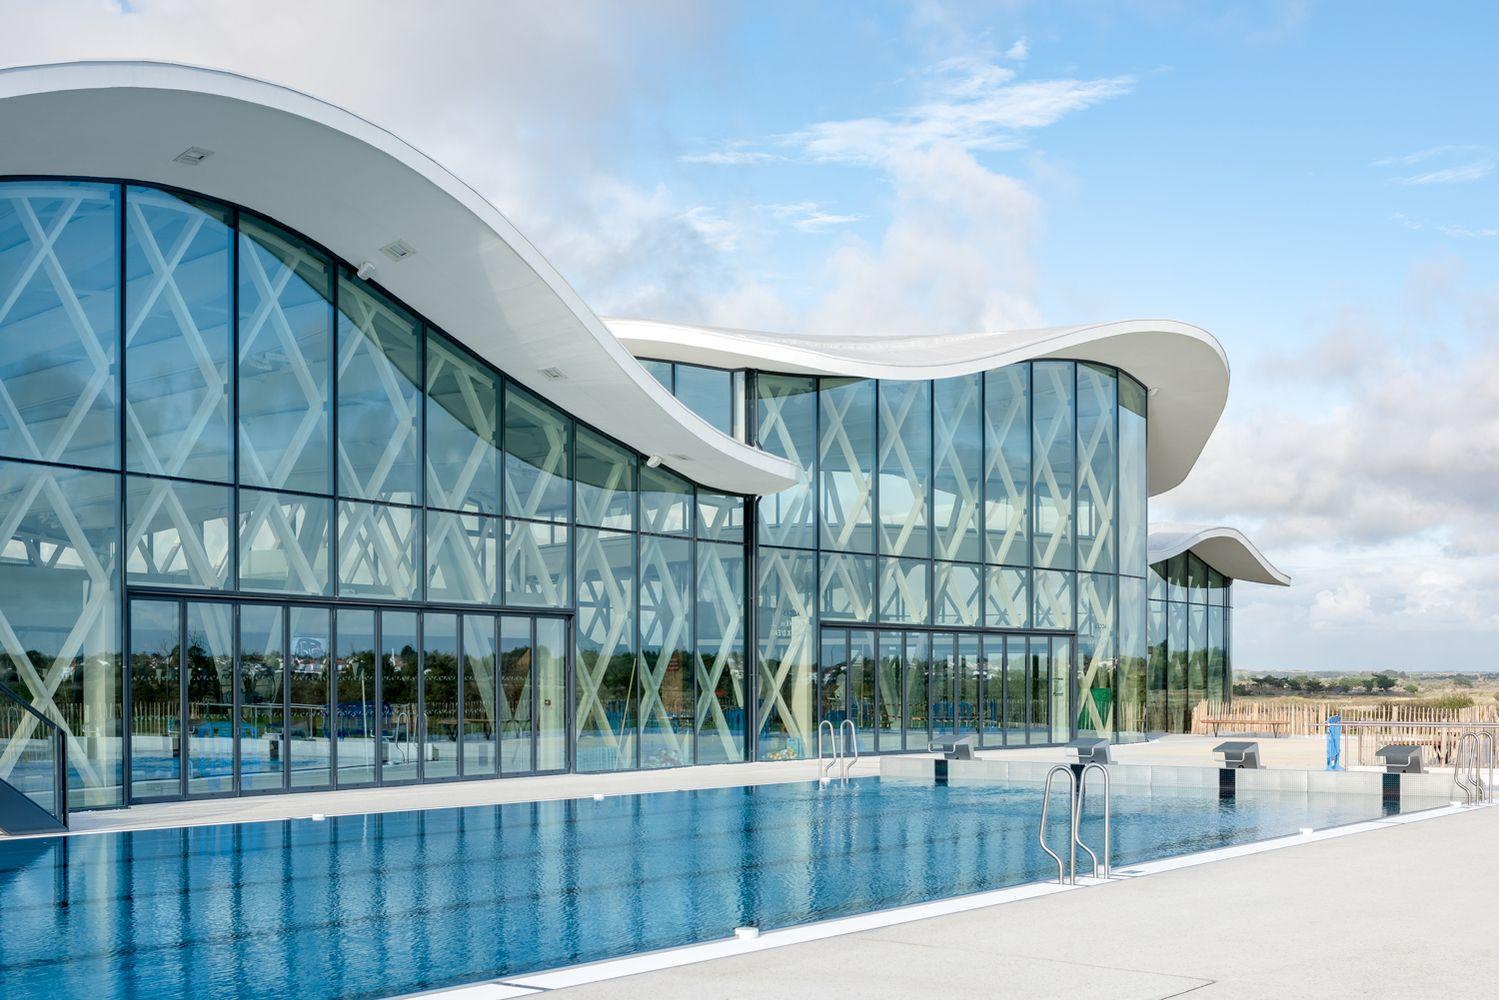 Gallery Of Swimming Pool In Saint Gilles Croix De Vie ... destiné Piscine St Gilles Croix De Vie